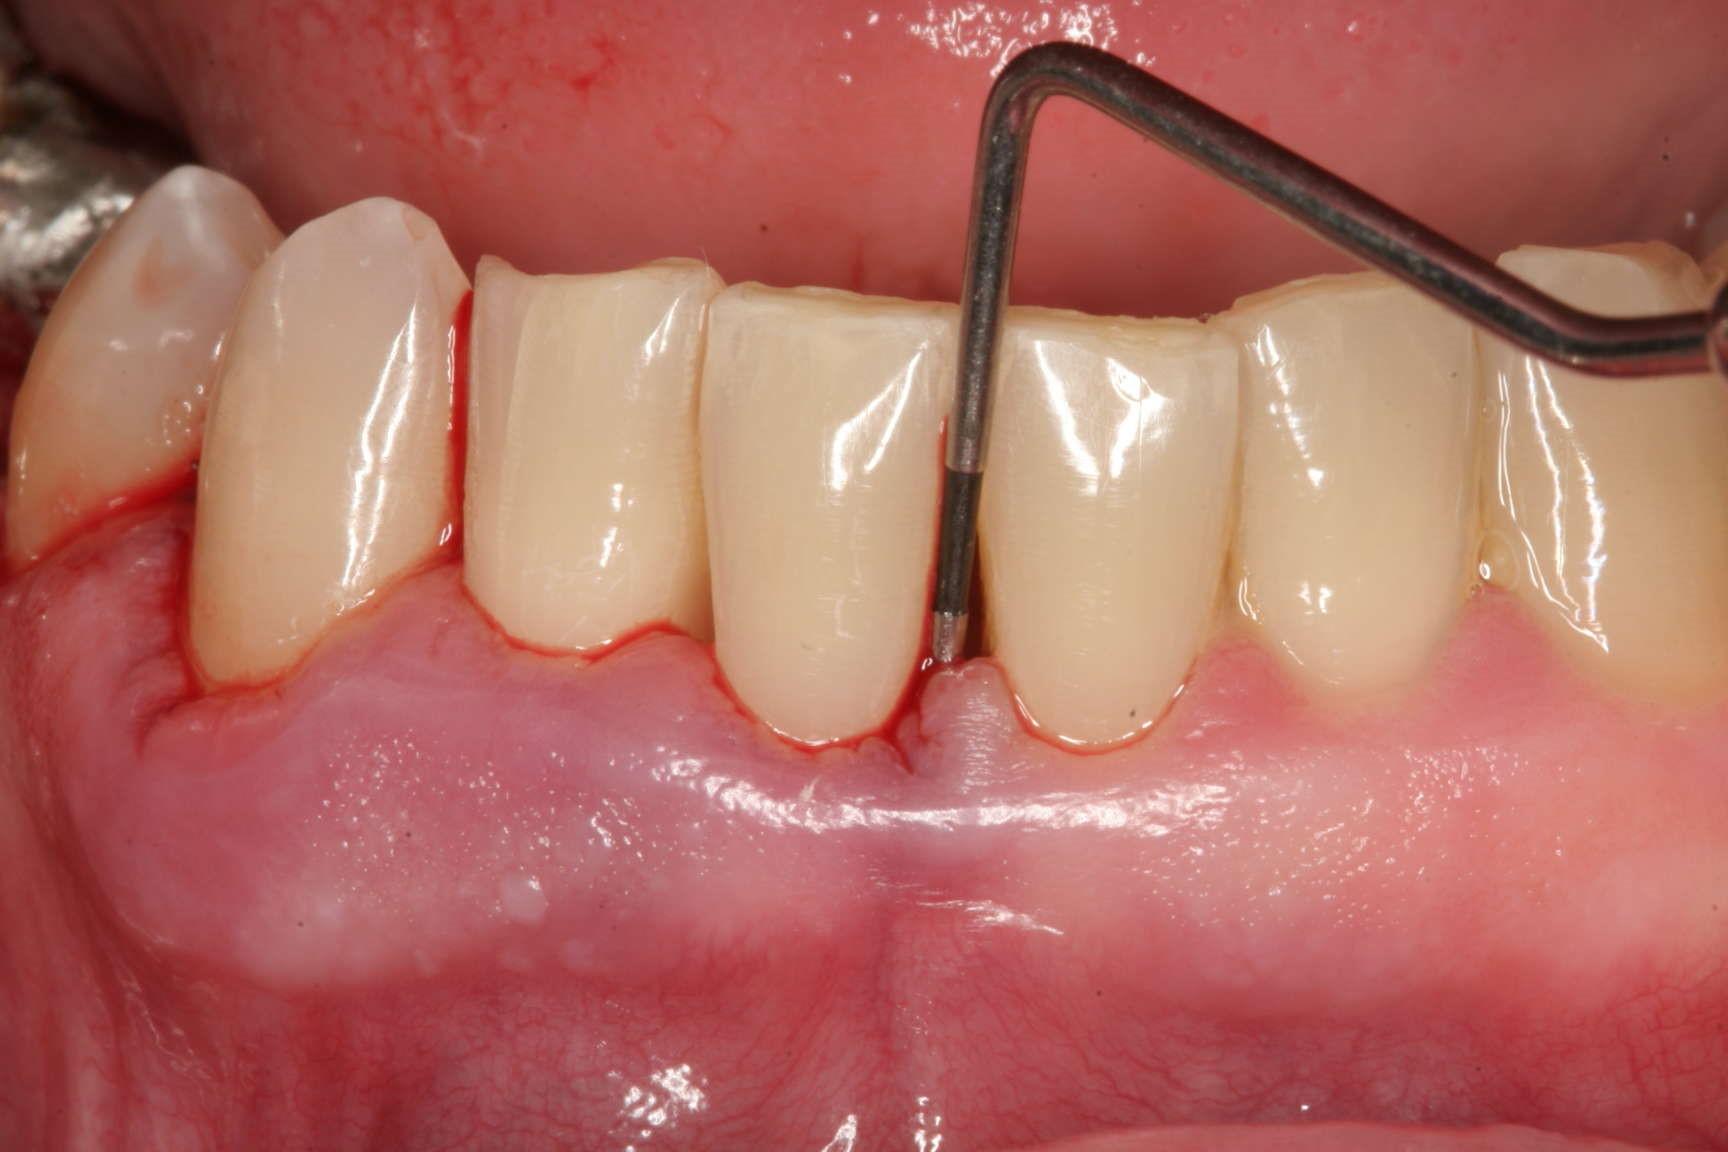 مشکلات رایج دندانپزشکی و راههای پیشگیری و درمان آنها